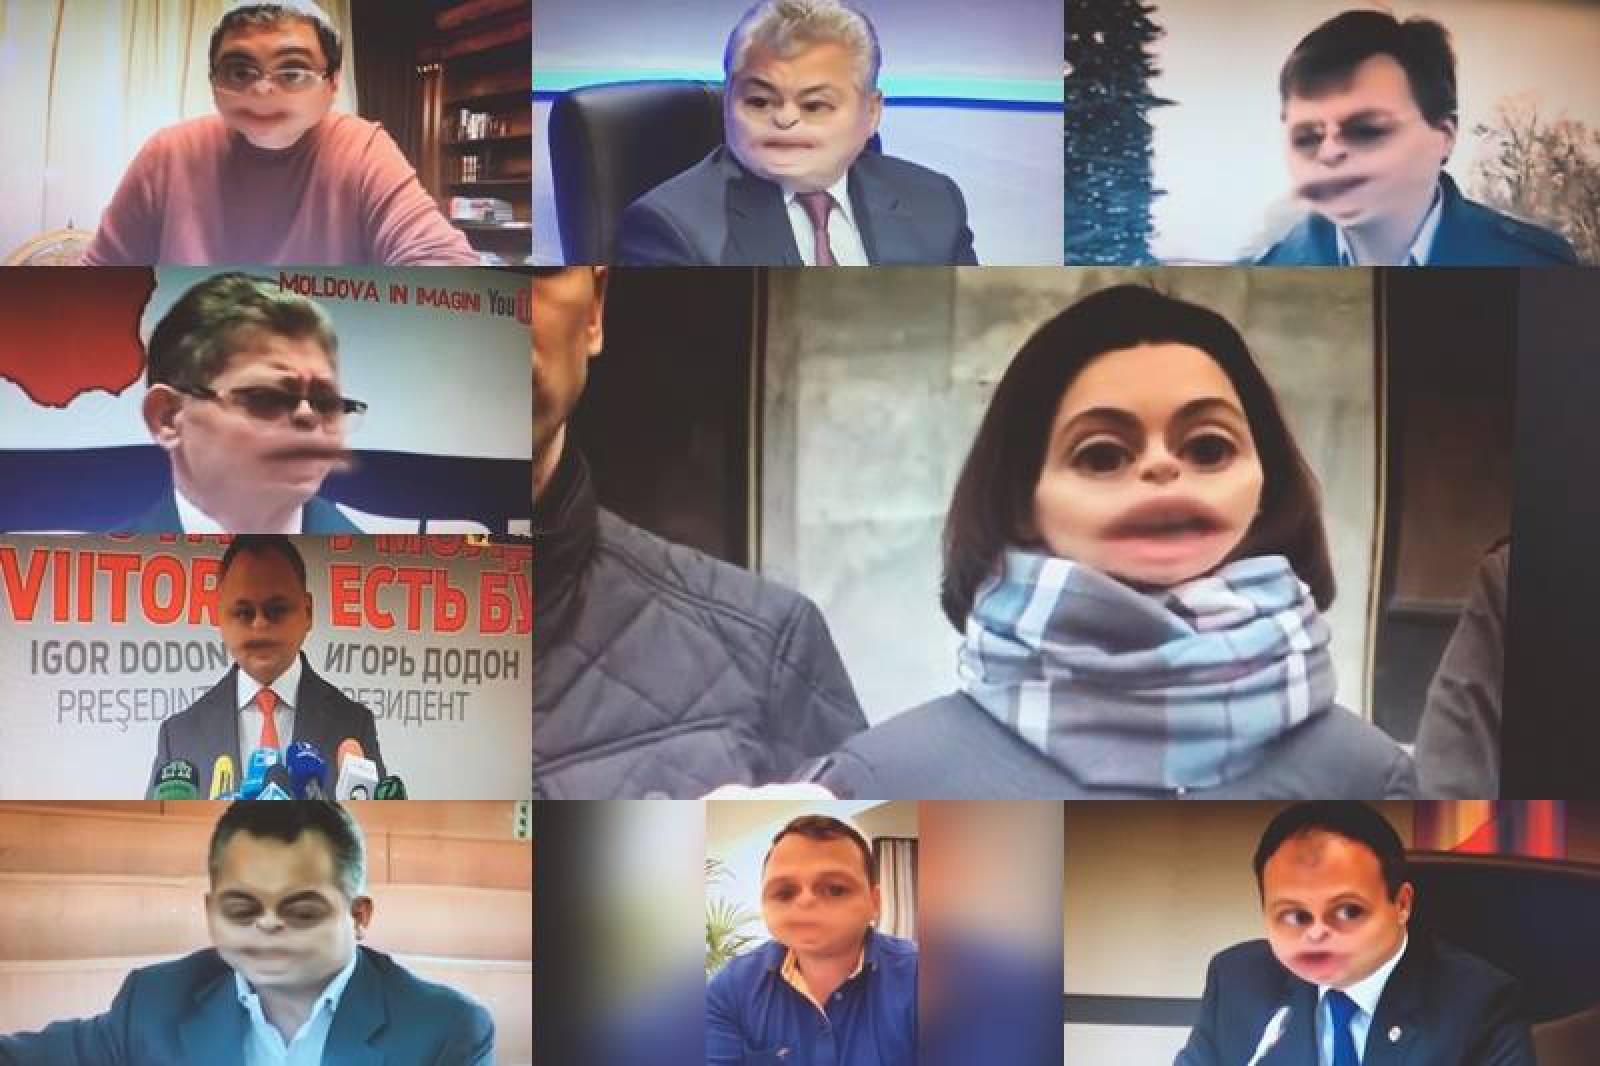 (video) #altfel. Discursurile politicienilor moldoveni trecute prin filtrele snapchatului. Cum arată Plahotniuc, Sandu și Voronin cu vocea modificată